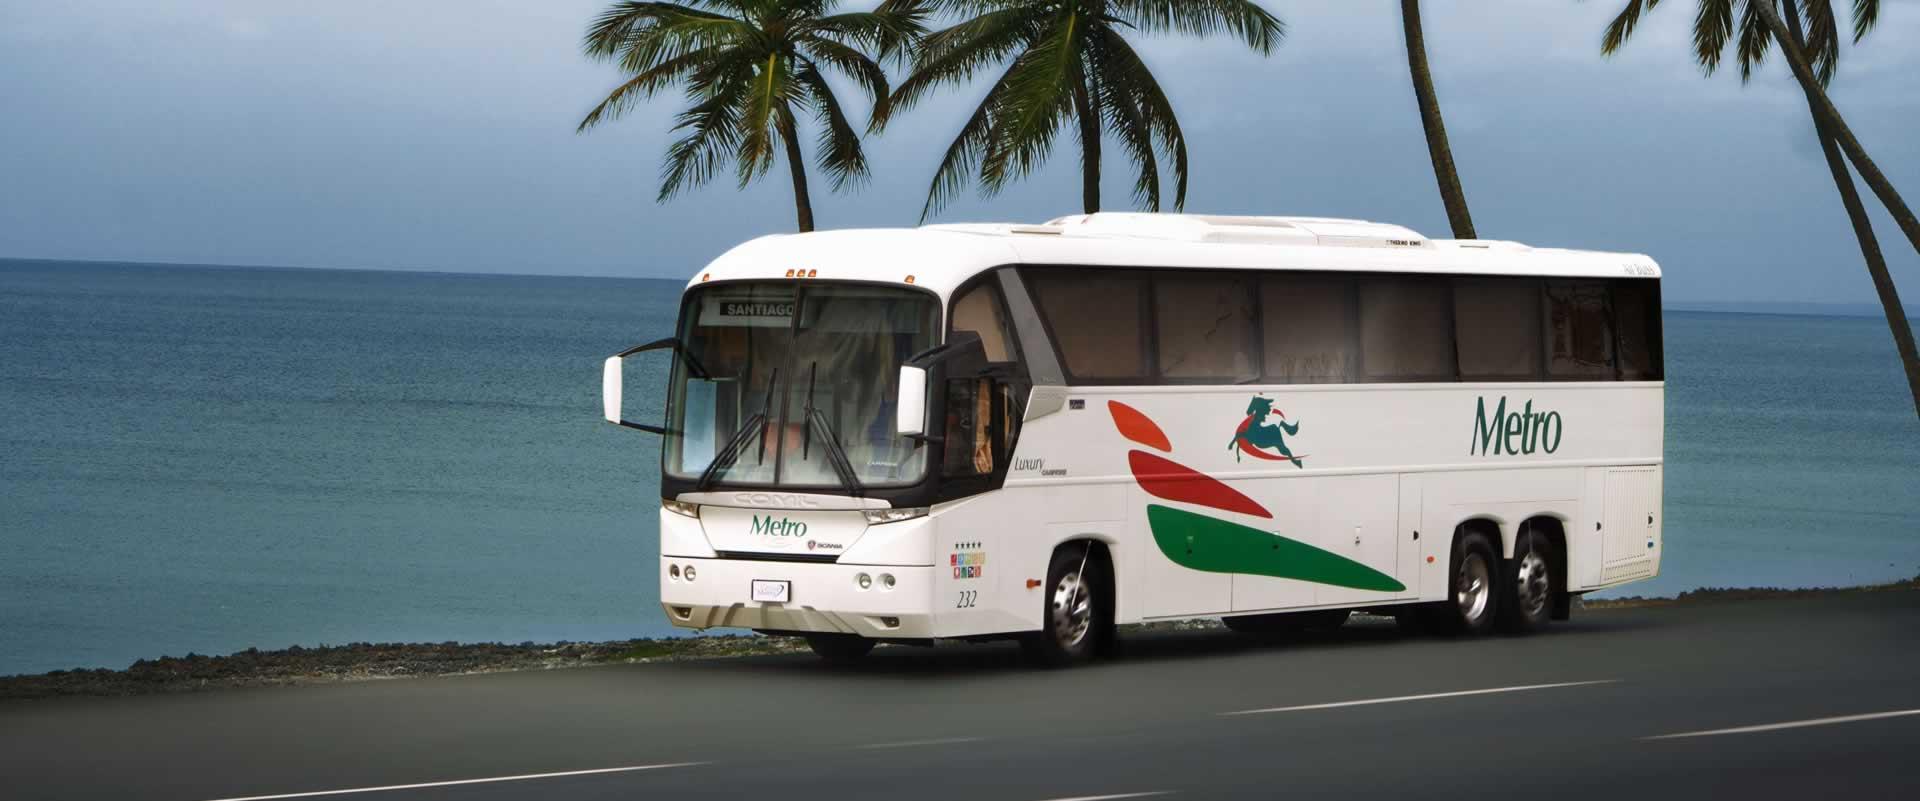 Фото автобуса в Доминикане